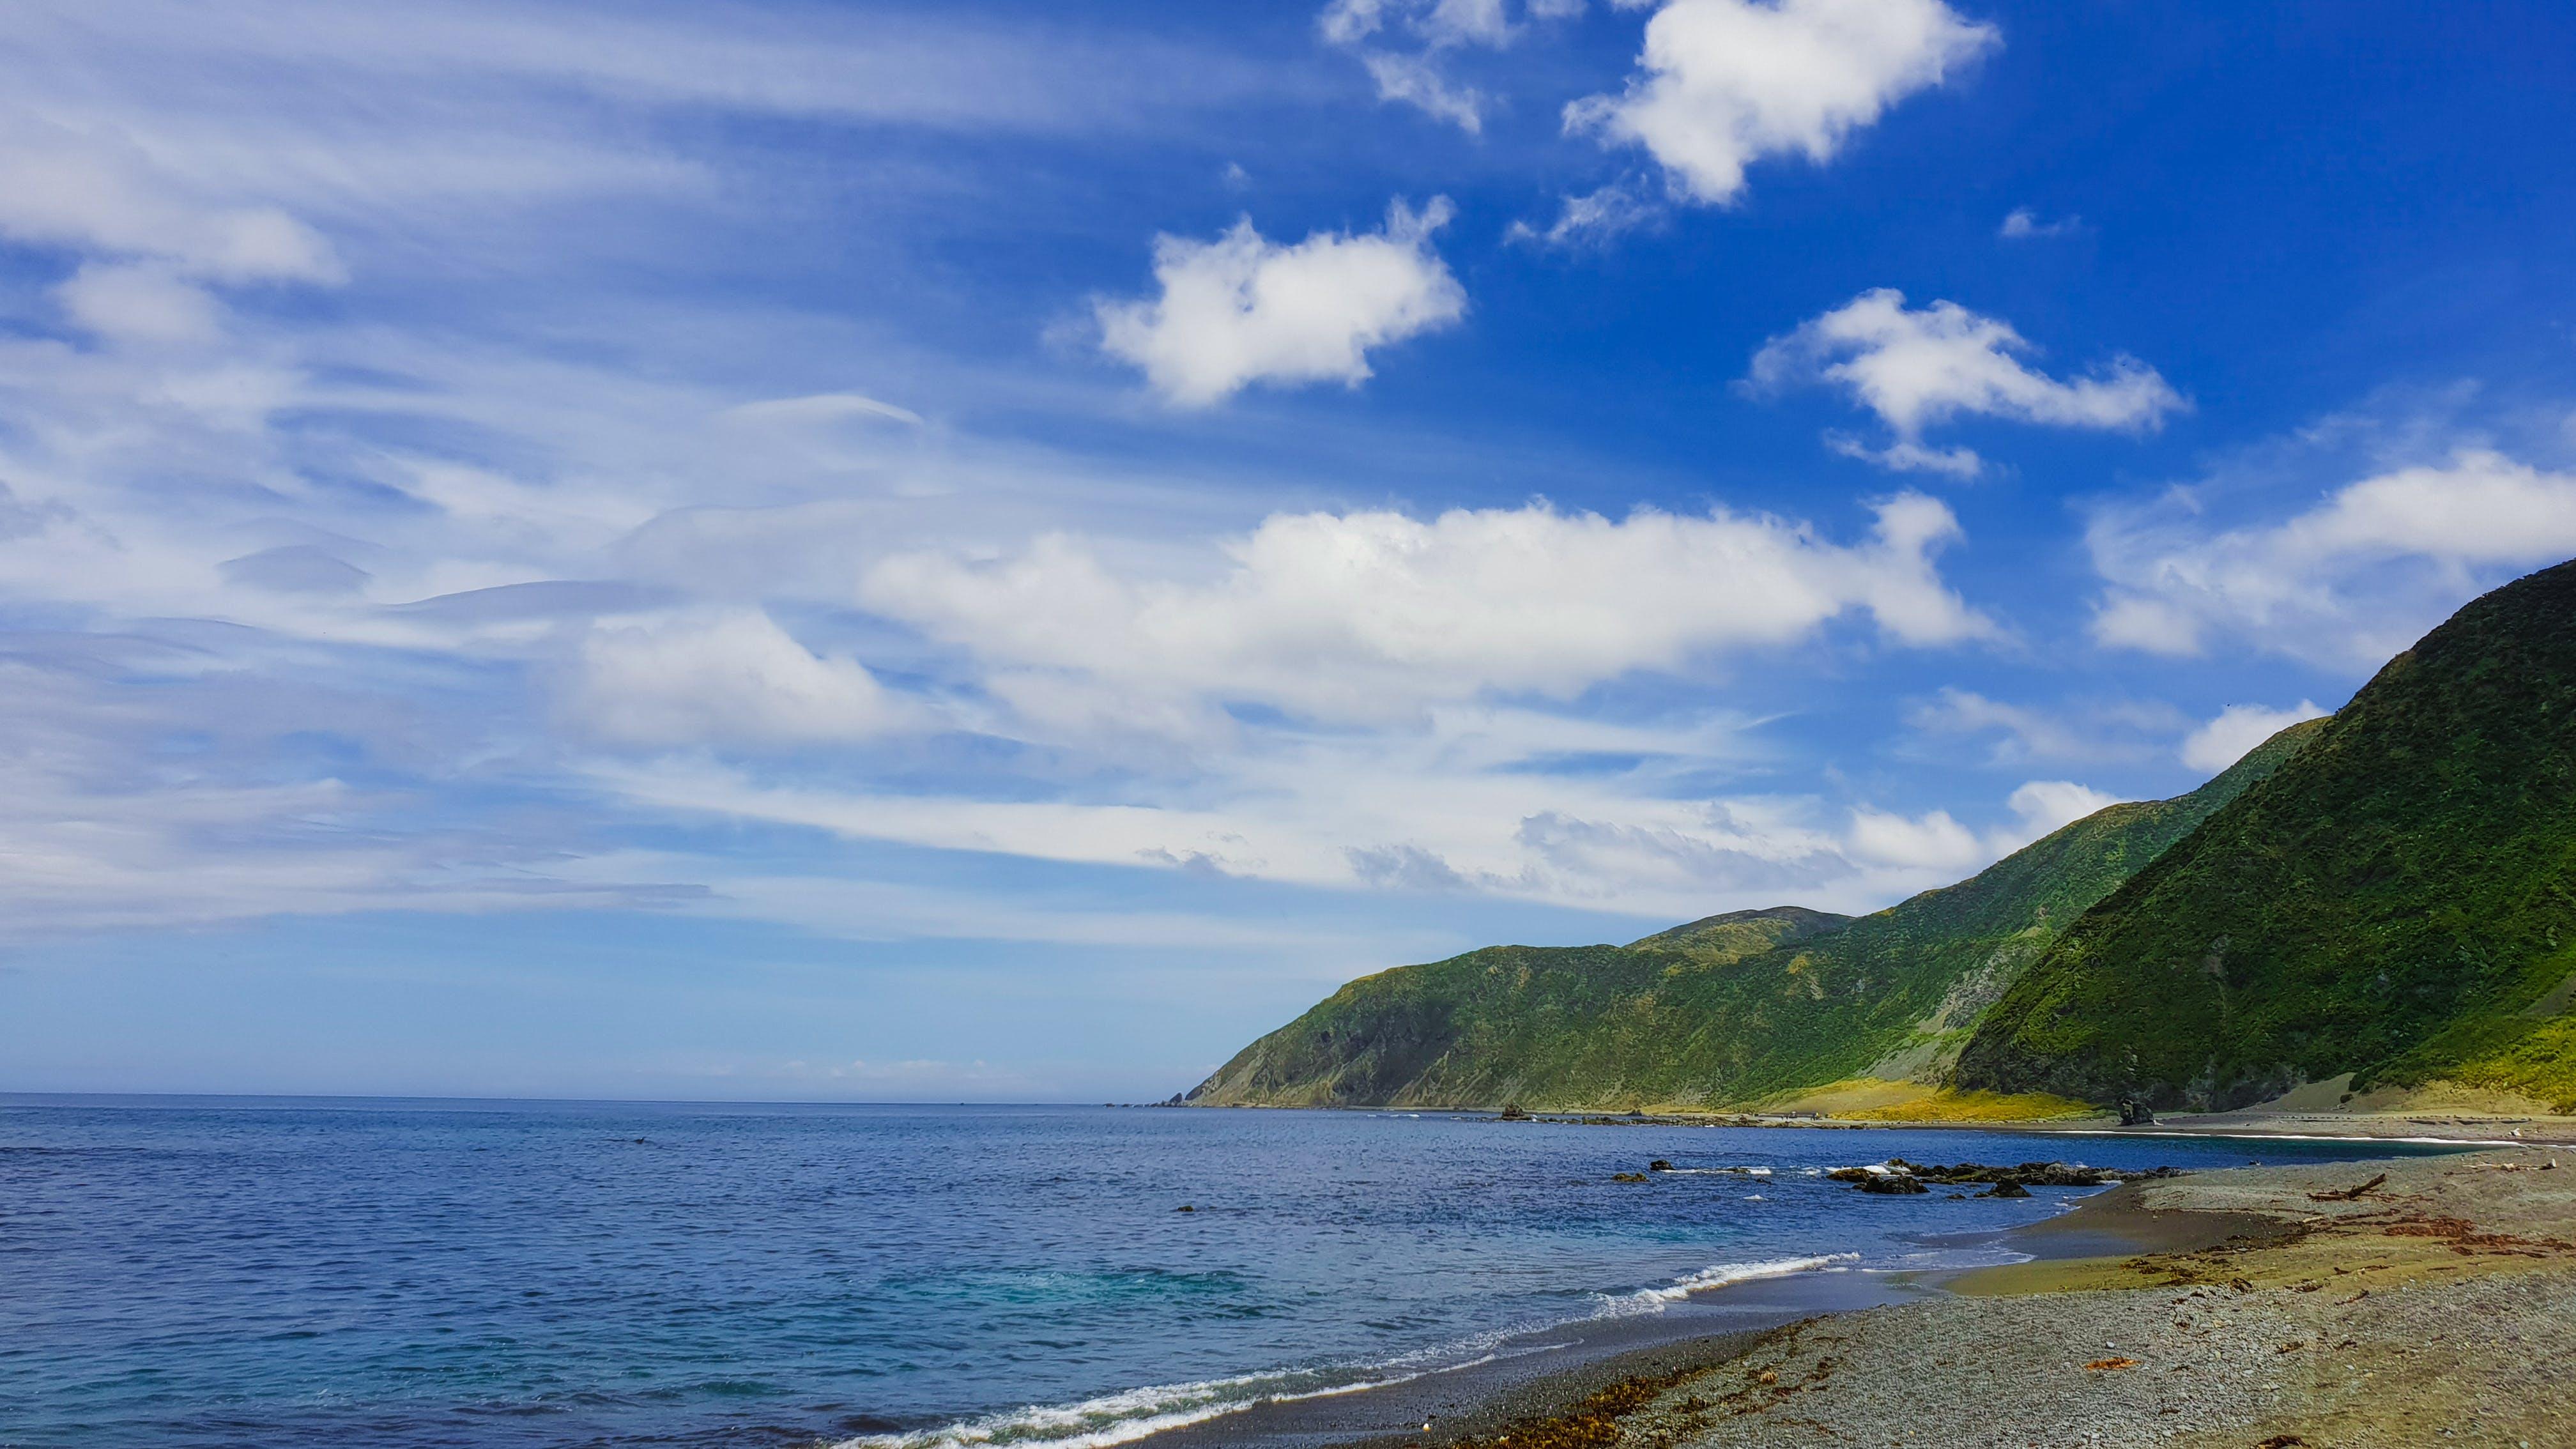 Kostenloses Stock Foto zu bewölkt, blau, blauer himmel, einsam